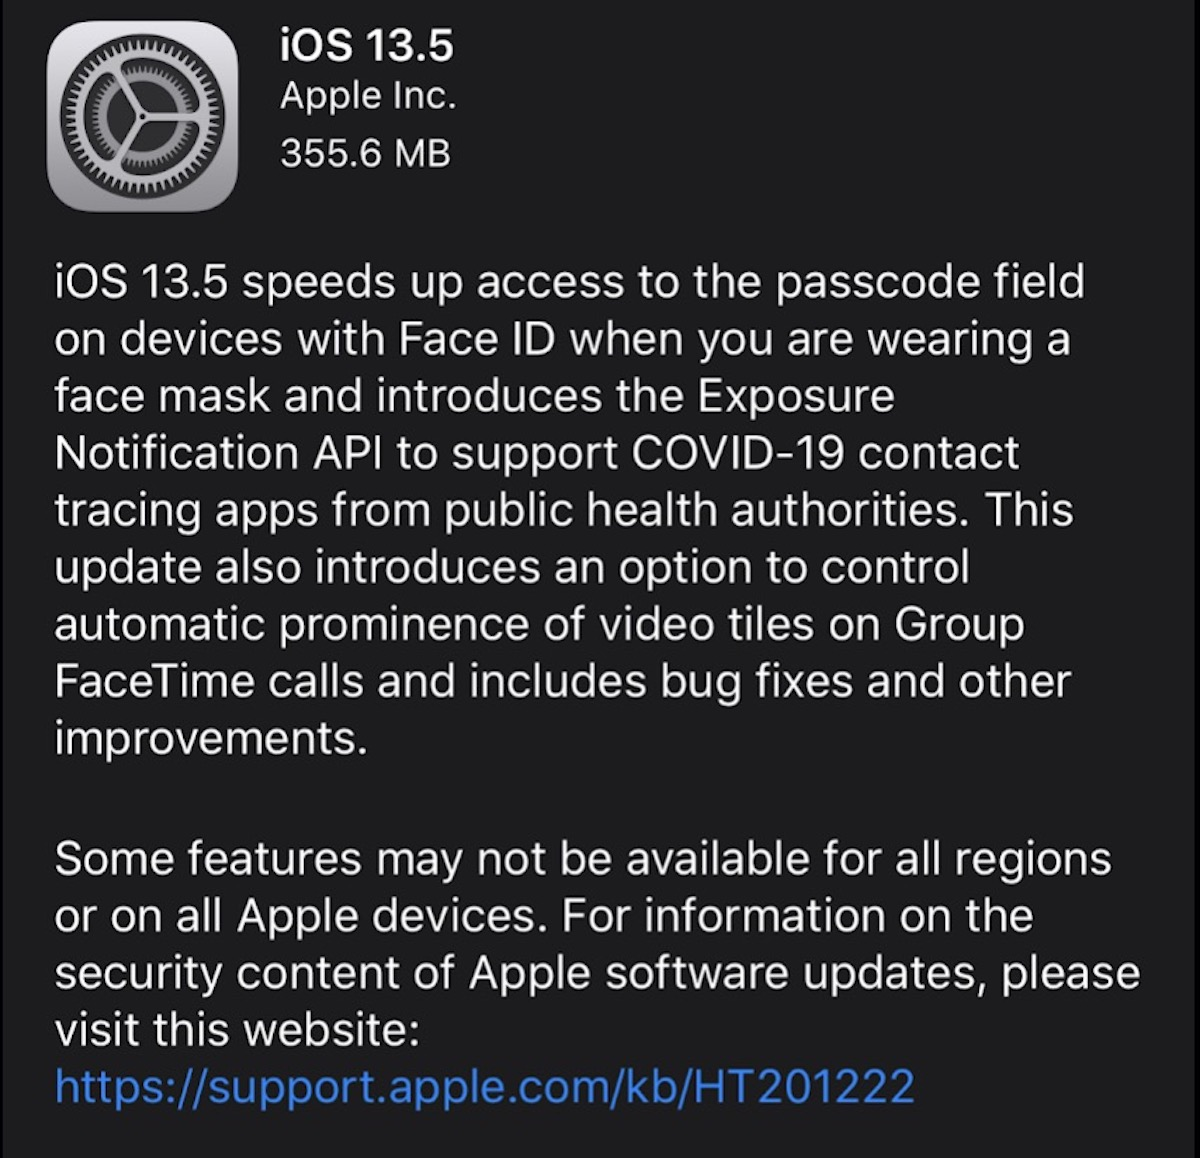 Apple iOS 13.5